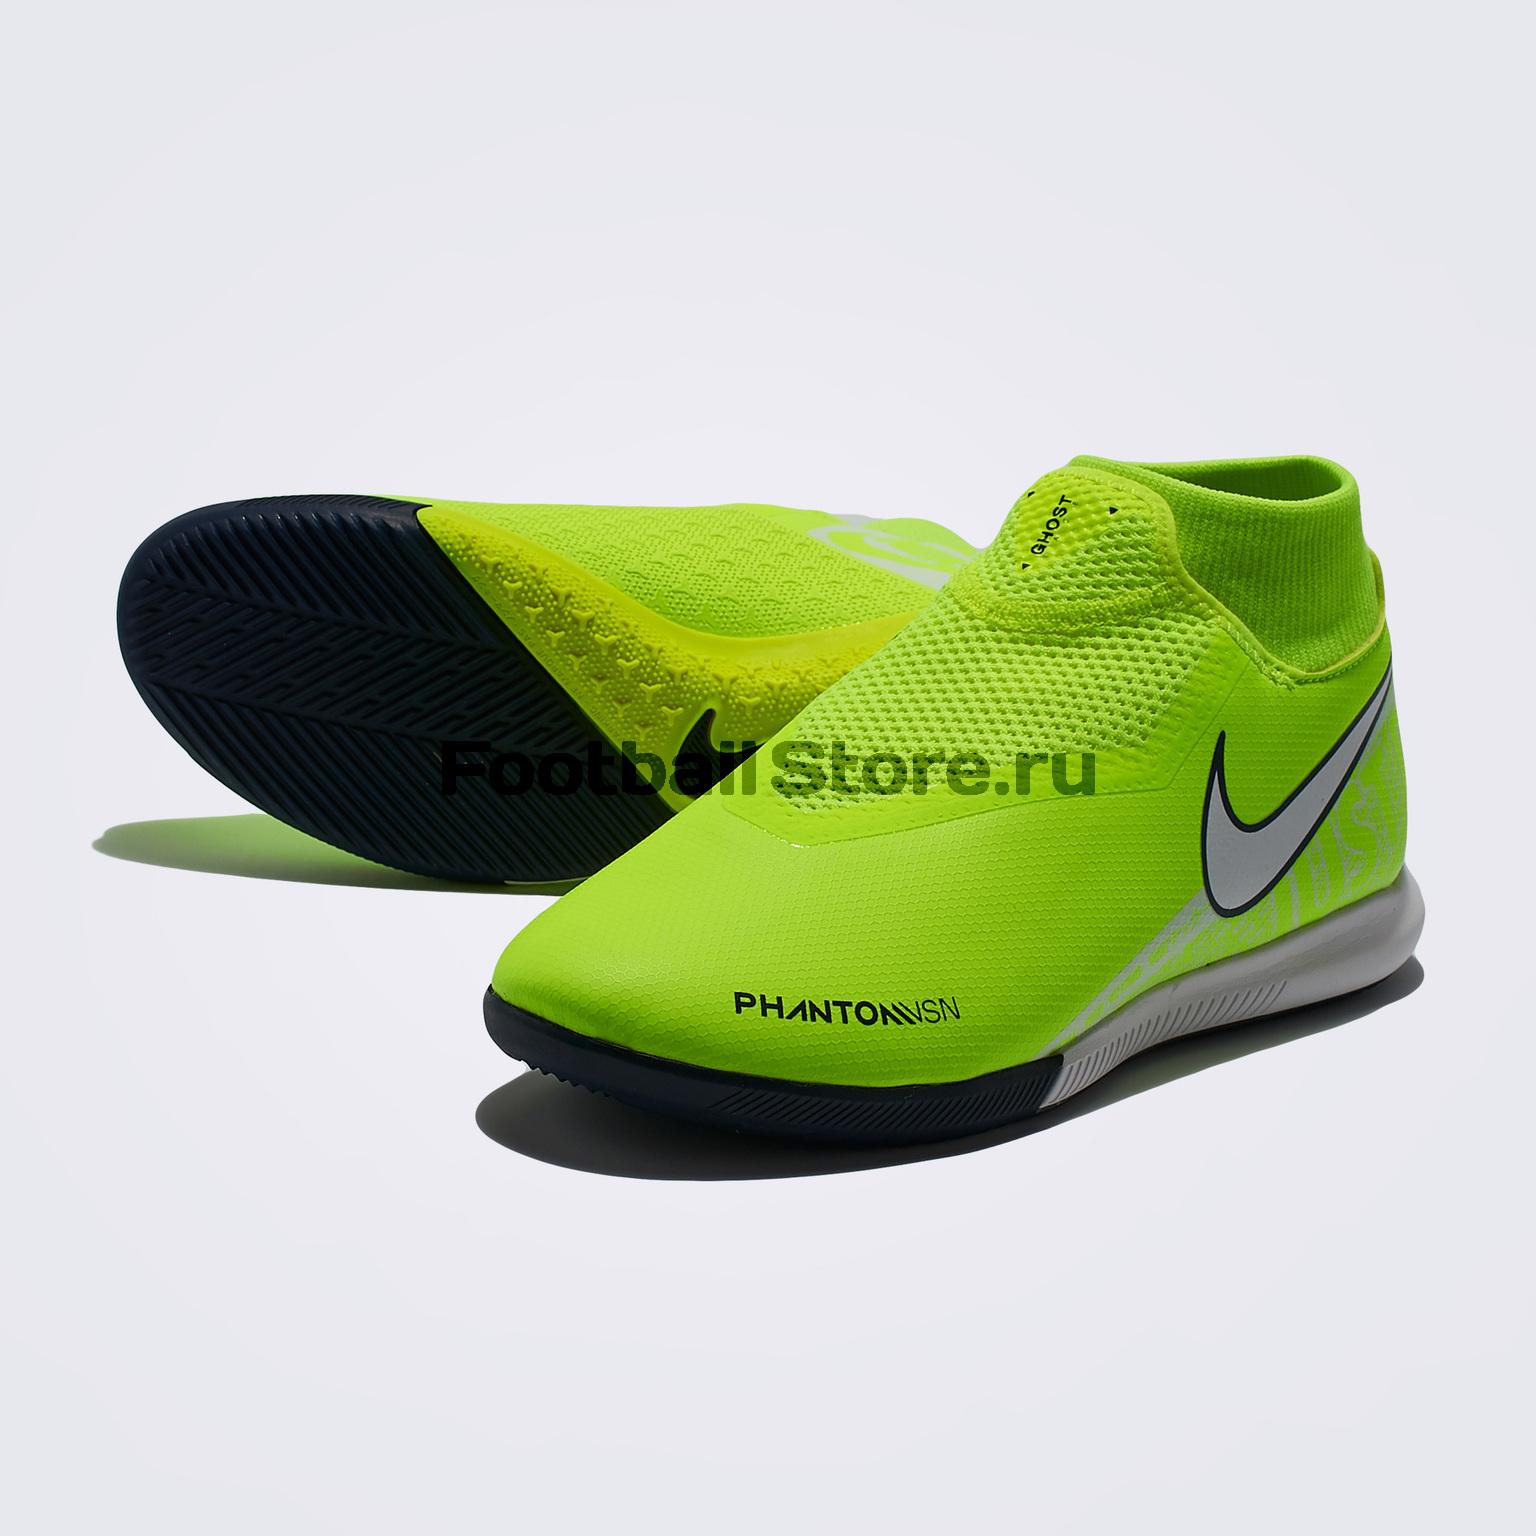 купить Футзалки Nike Phantom VSN Academy DF IC AO3267-717 недорого